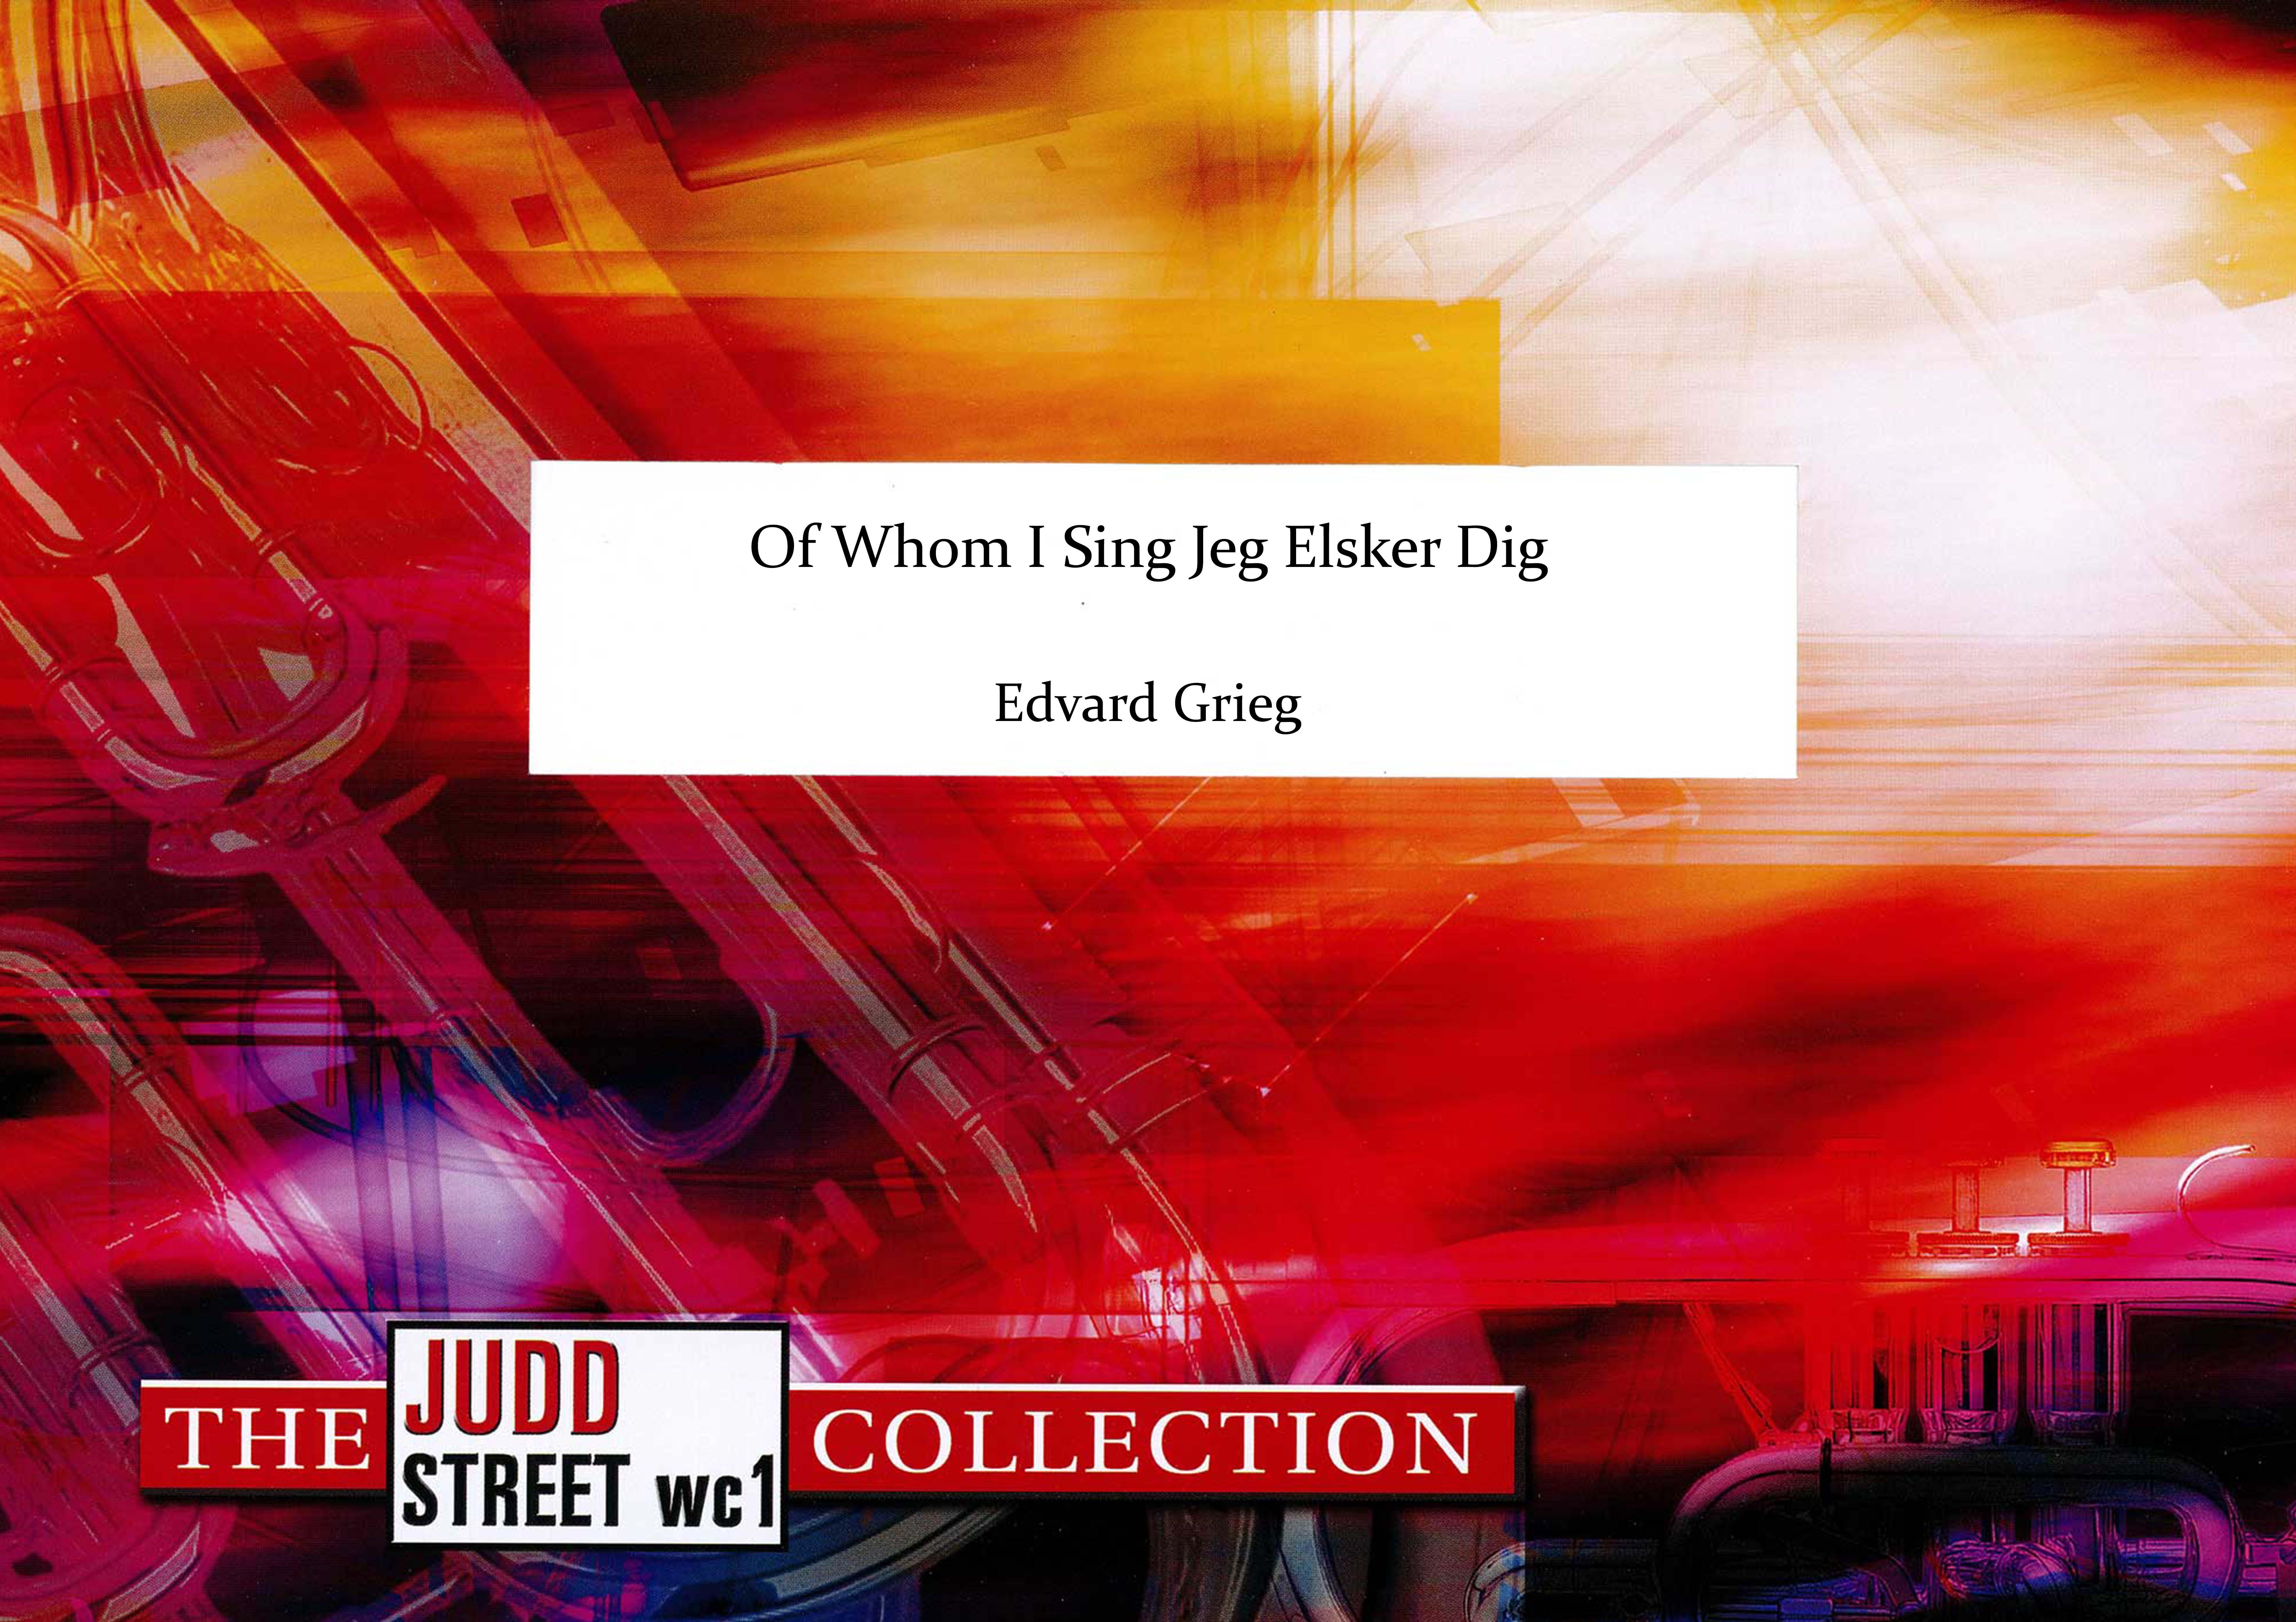 Of Whom I Sing Jeg Elsker Dig (Brass Band - Score only)